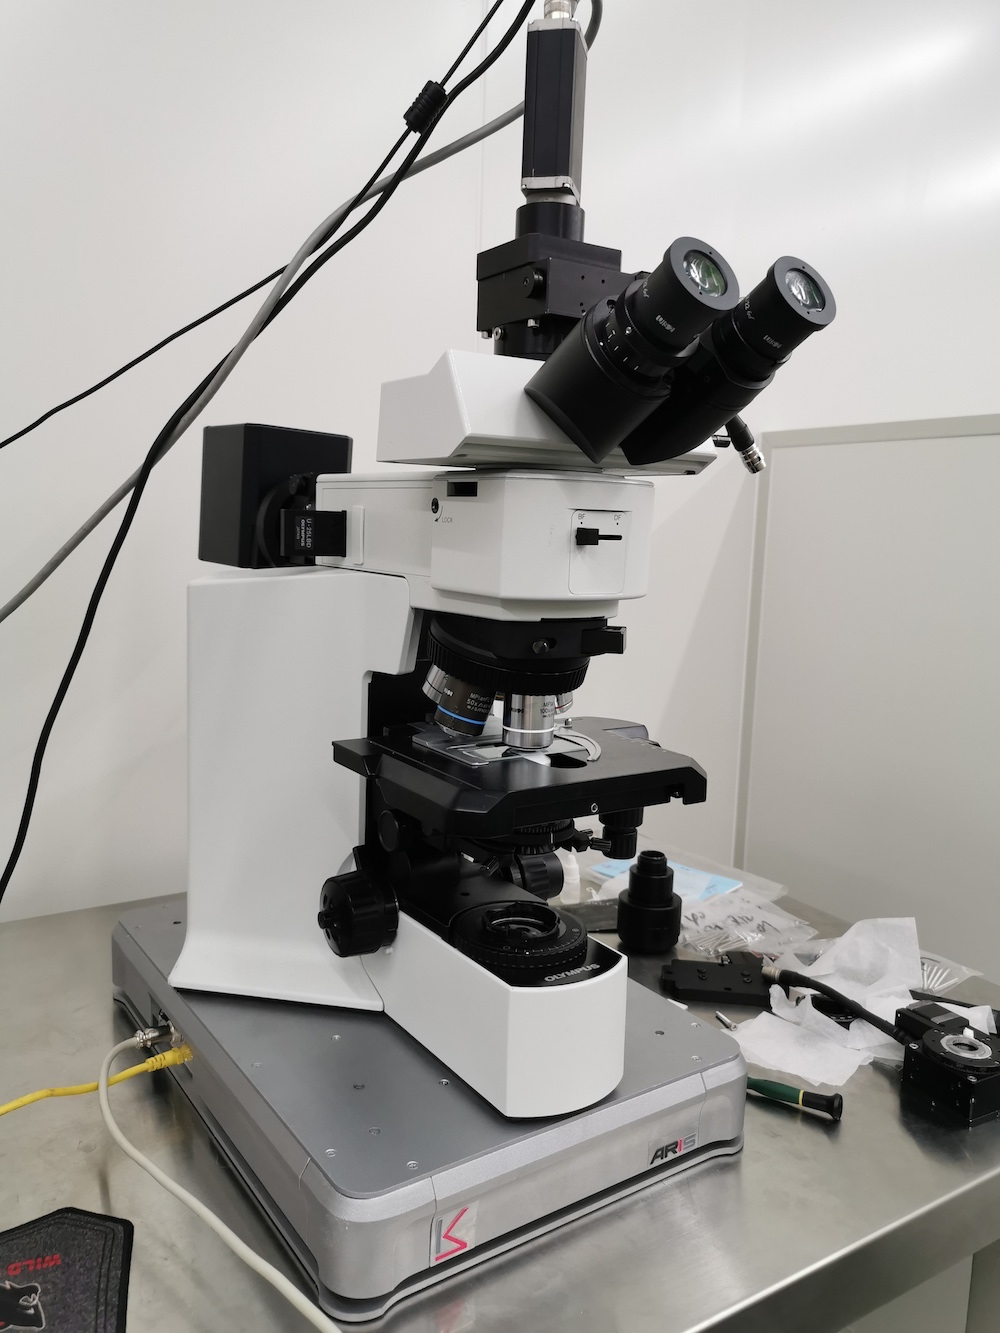 zeiss蔡司显微镜主动隔振台.png